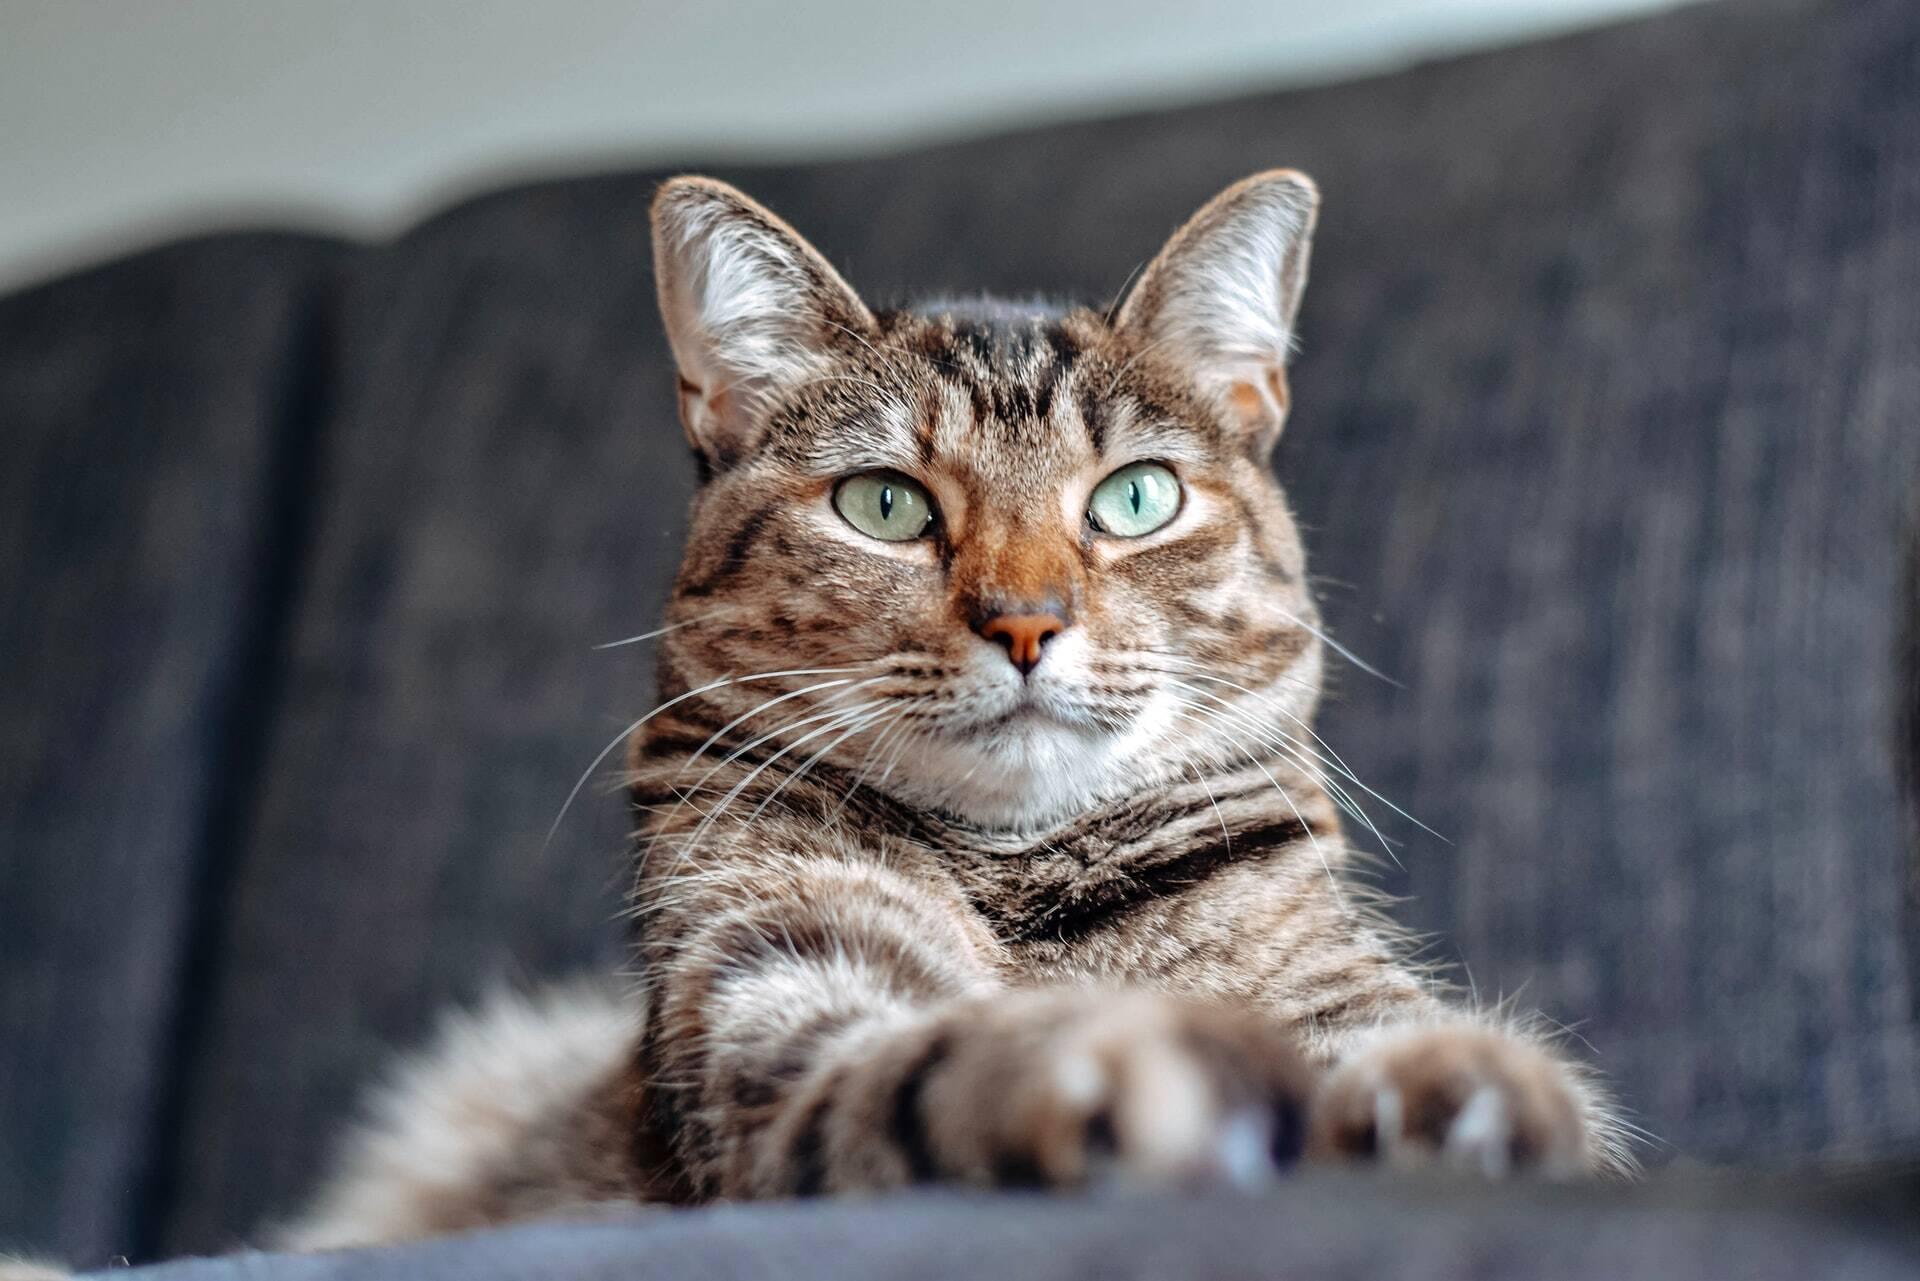 5 coisas que você deve saber antes de adotar um gato